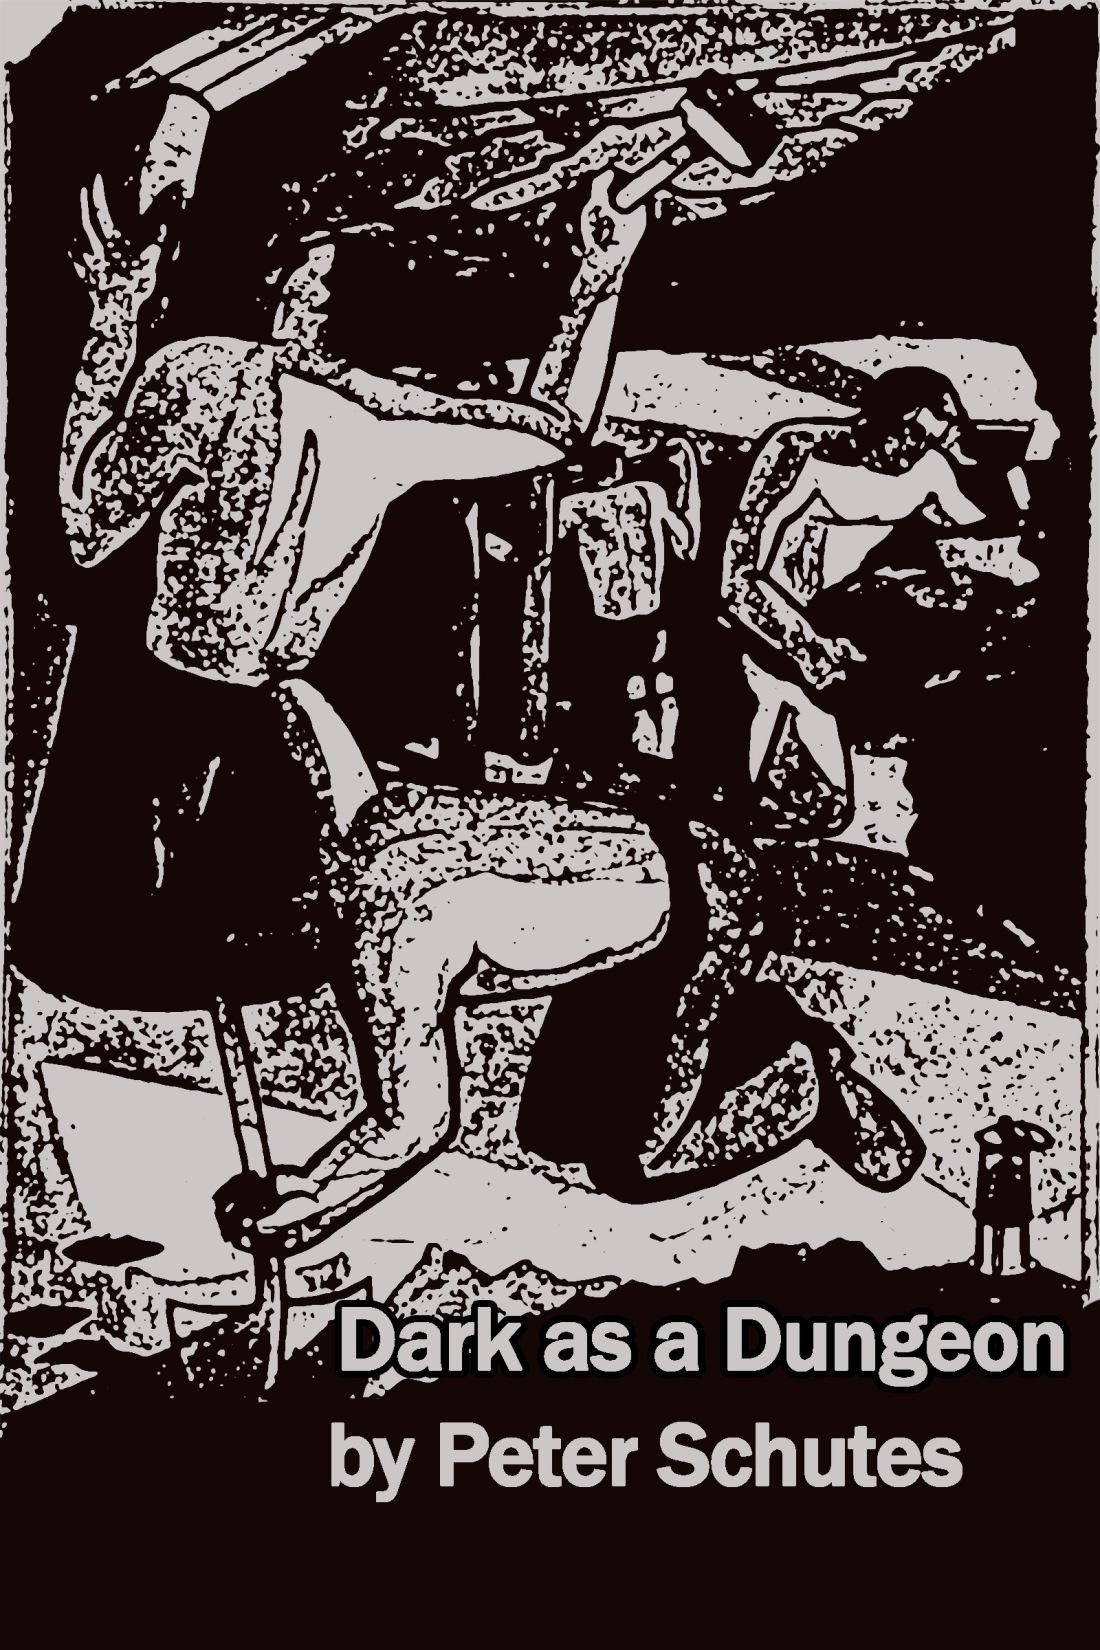 DarkDungBest